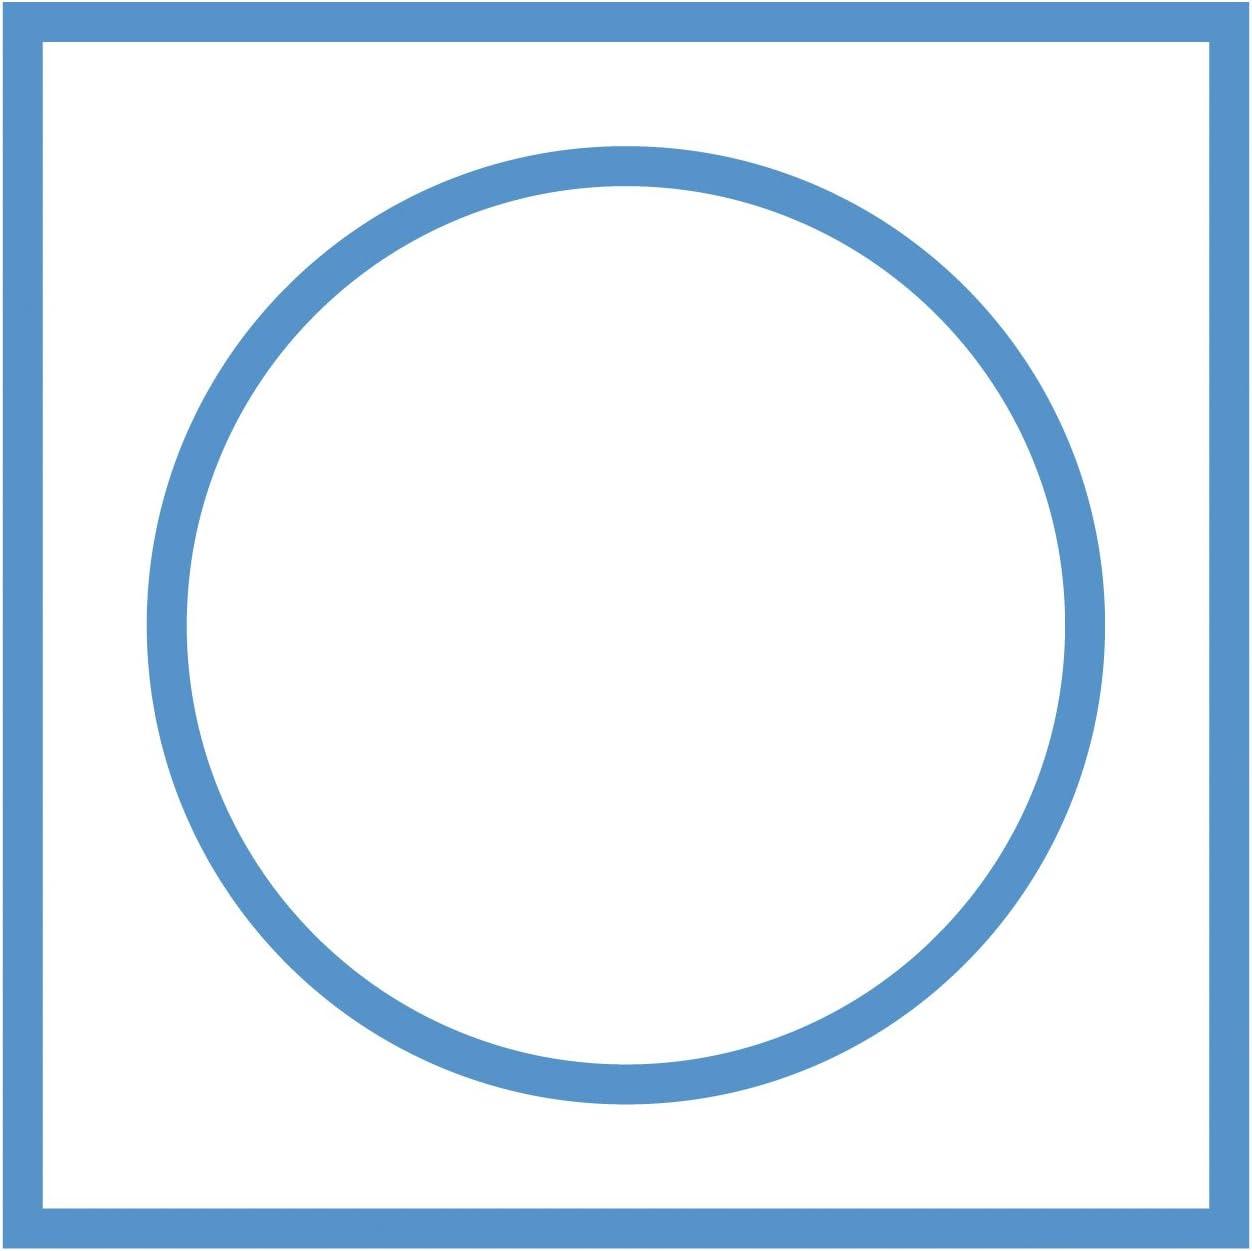 Hawaii dunkelblau RIDDER 7503330-350 Teppich 60 x 100 cm Polyacryl